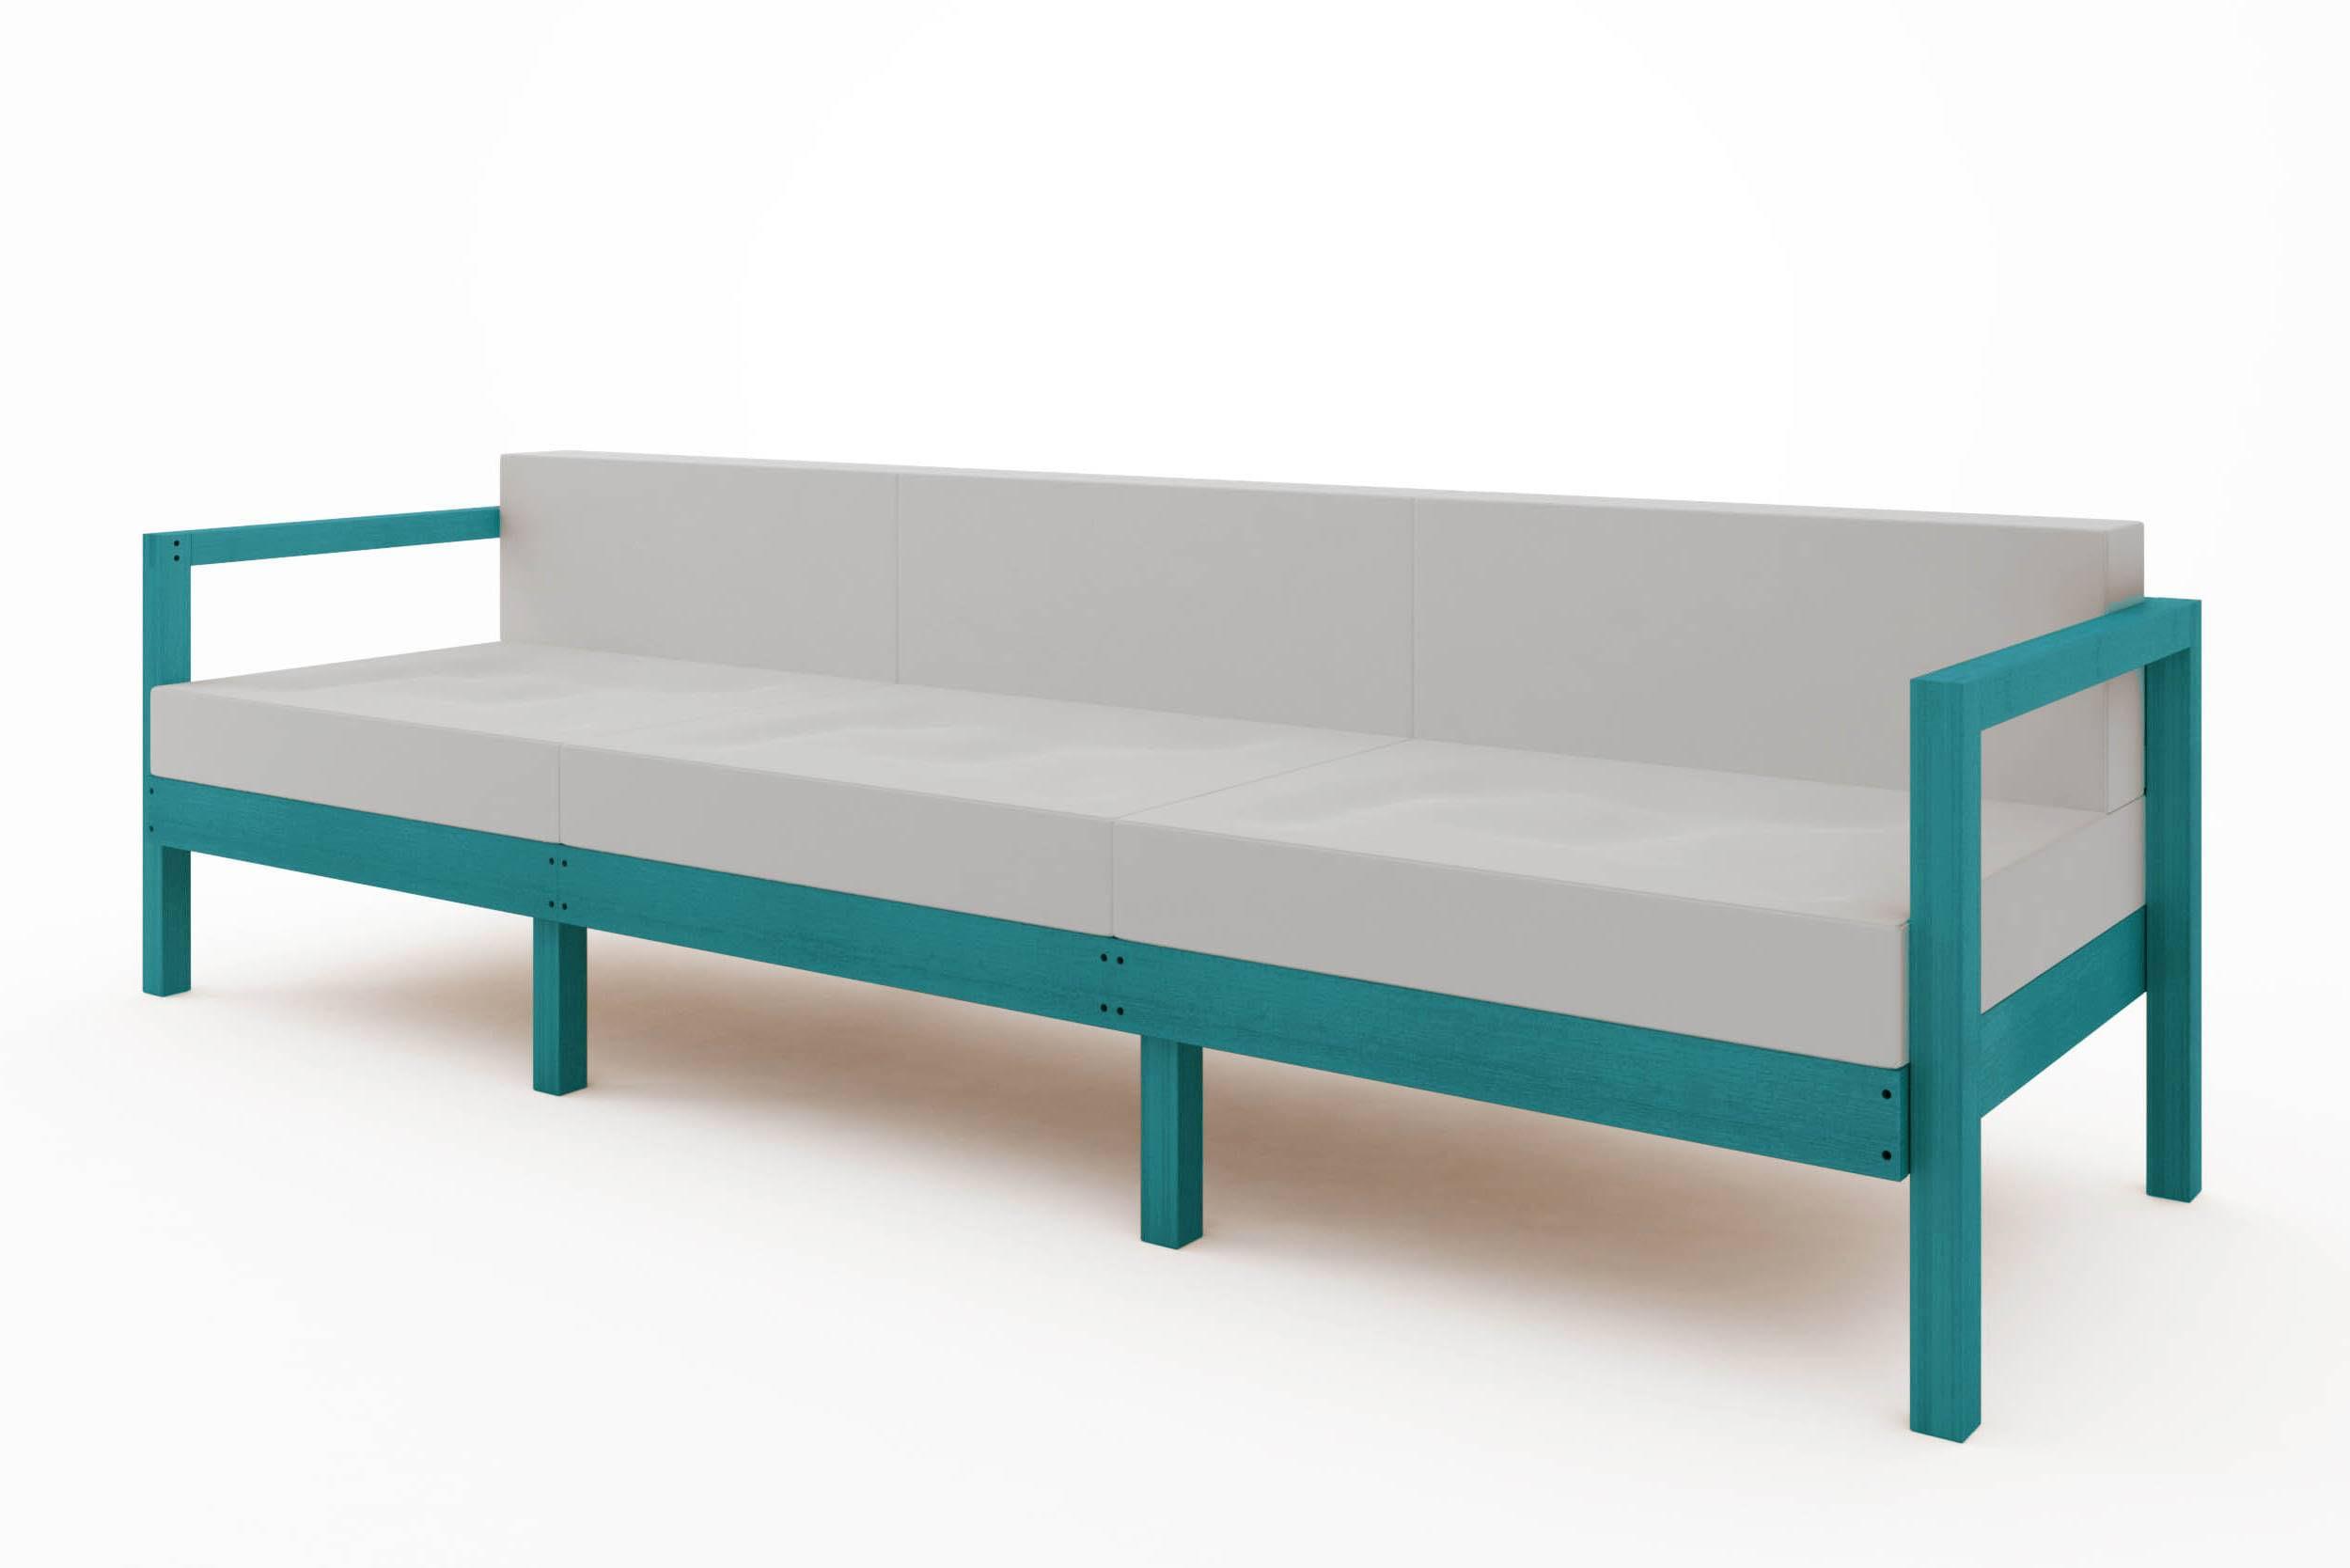 Sofa Componivel Lazy 3 Lugares Estrutura Azul + Almofadas 249cm - 61394